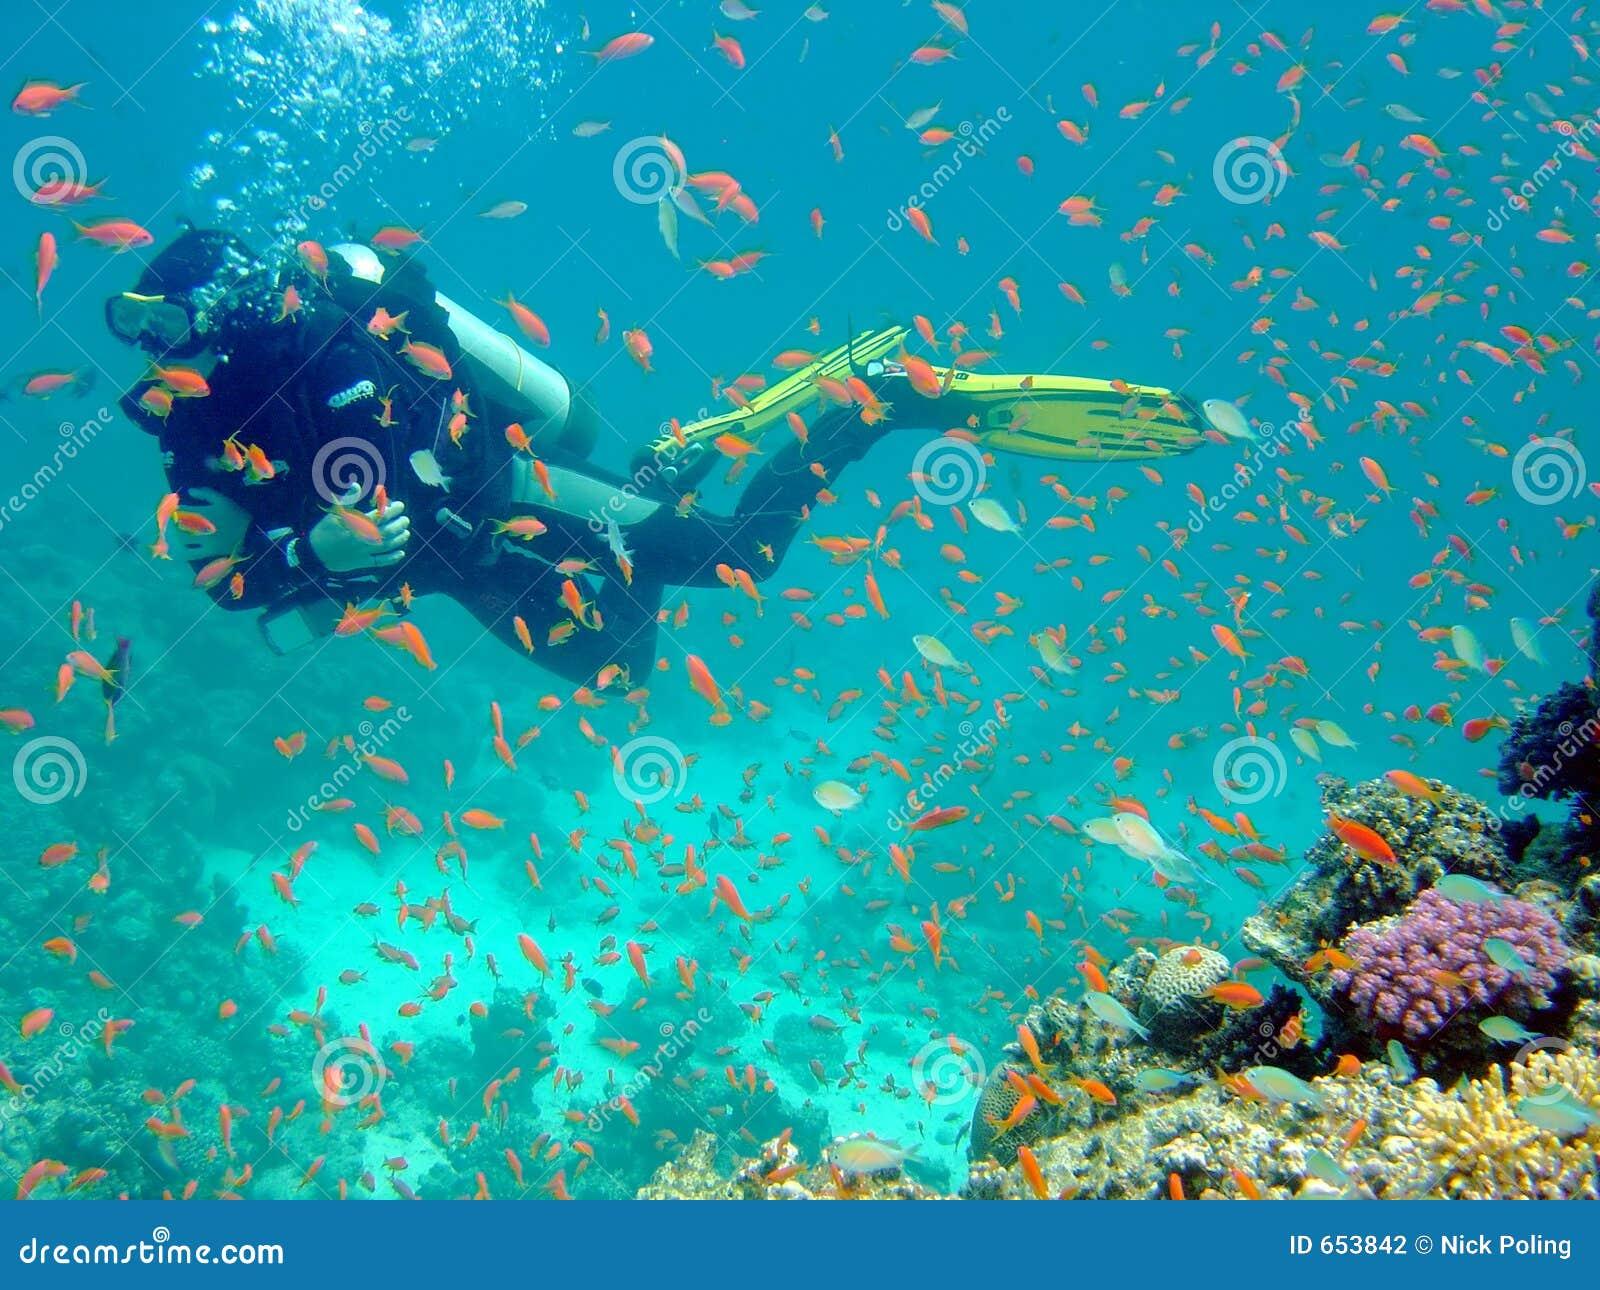 Bilder Mit Fischen : taucher mit fischen stockfotografie bild 653842 ~ Frokenaadalensverden.com Haus und Dekorationen